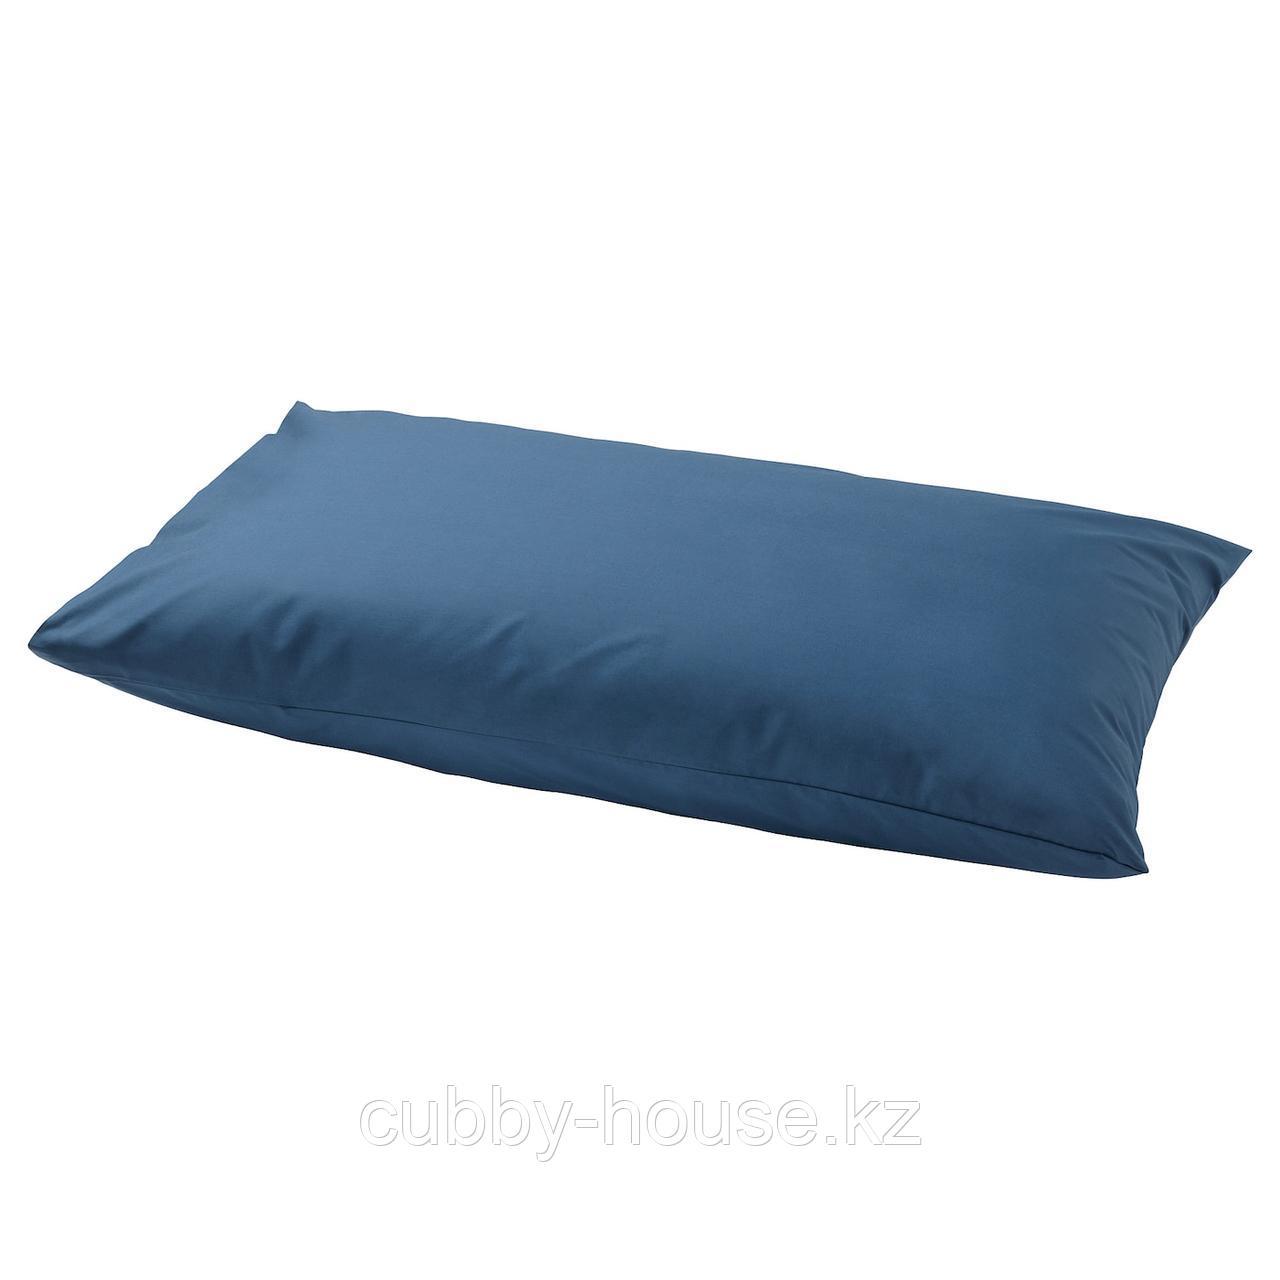 УЛЛЬВИДЕ Наволочка, темно-синий, 50x70 см